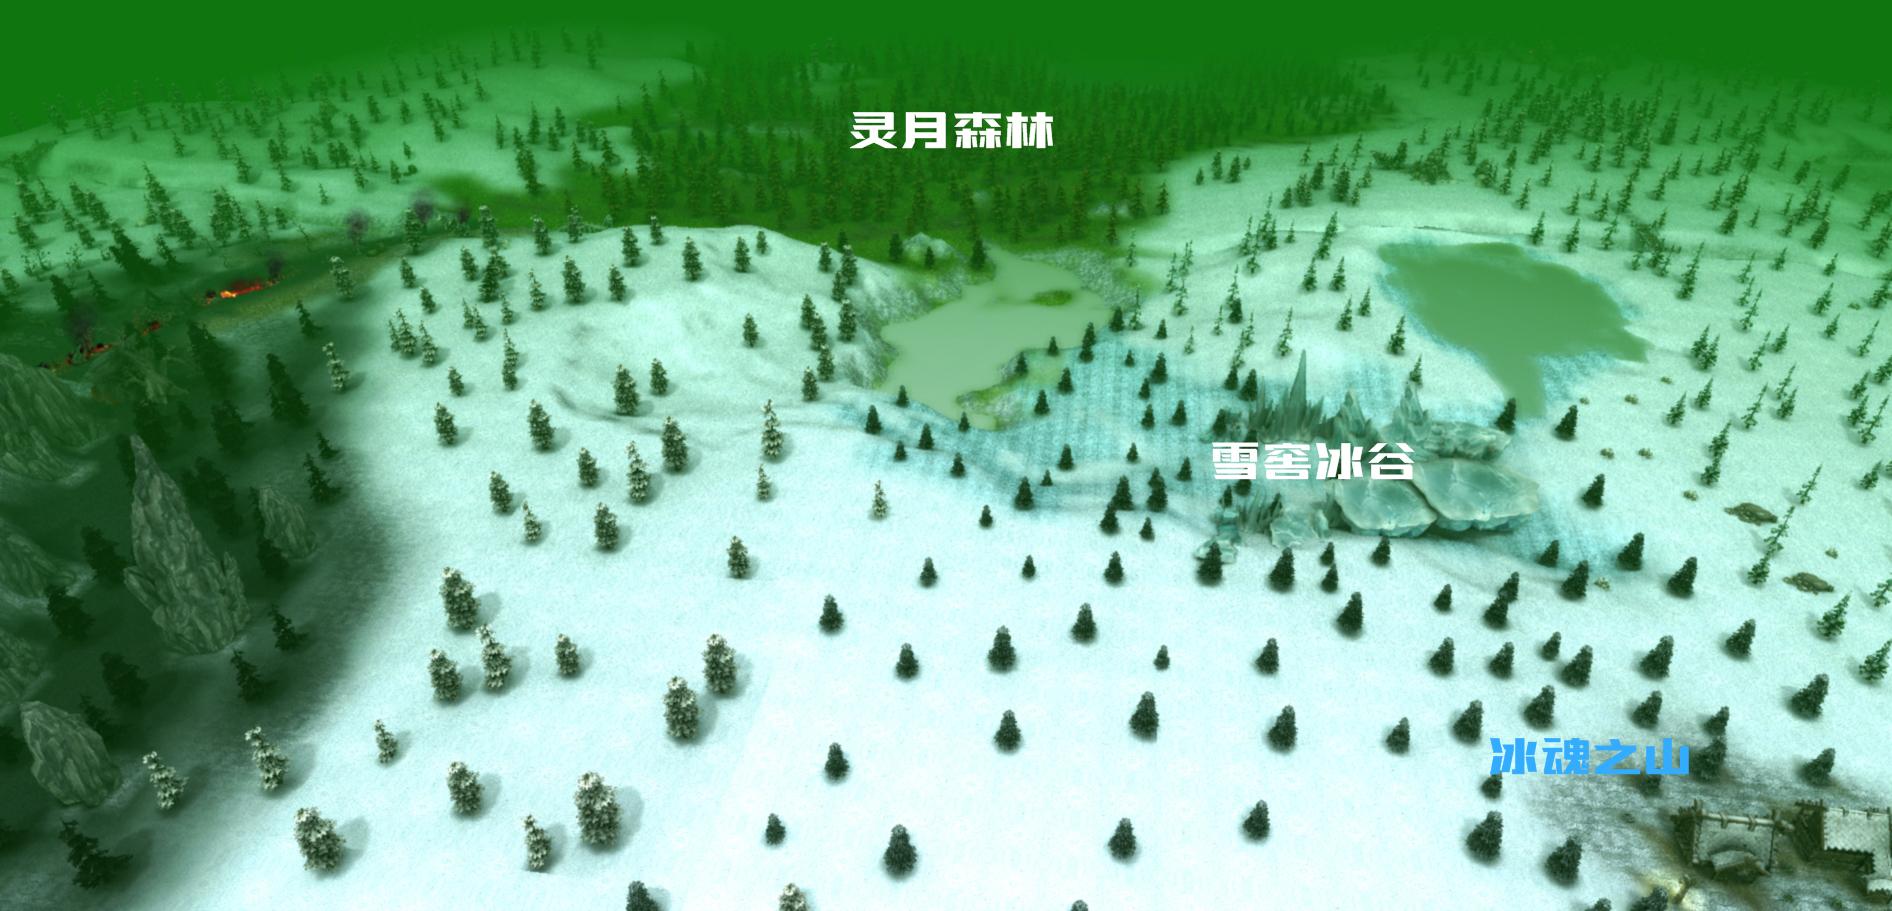 64平方公里超大开放世界 全新不同视角场景图  你还记得这...